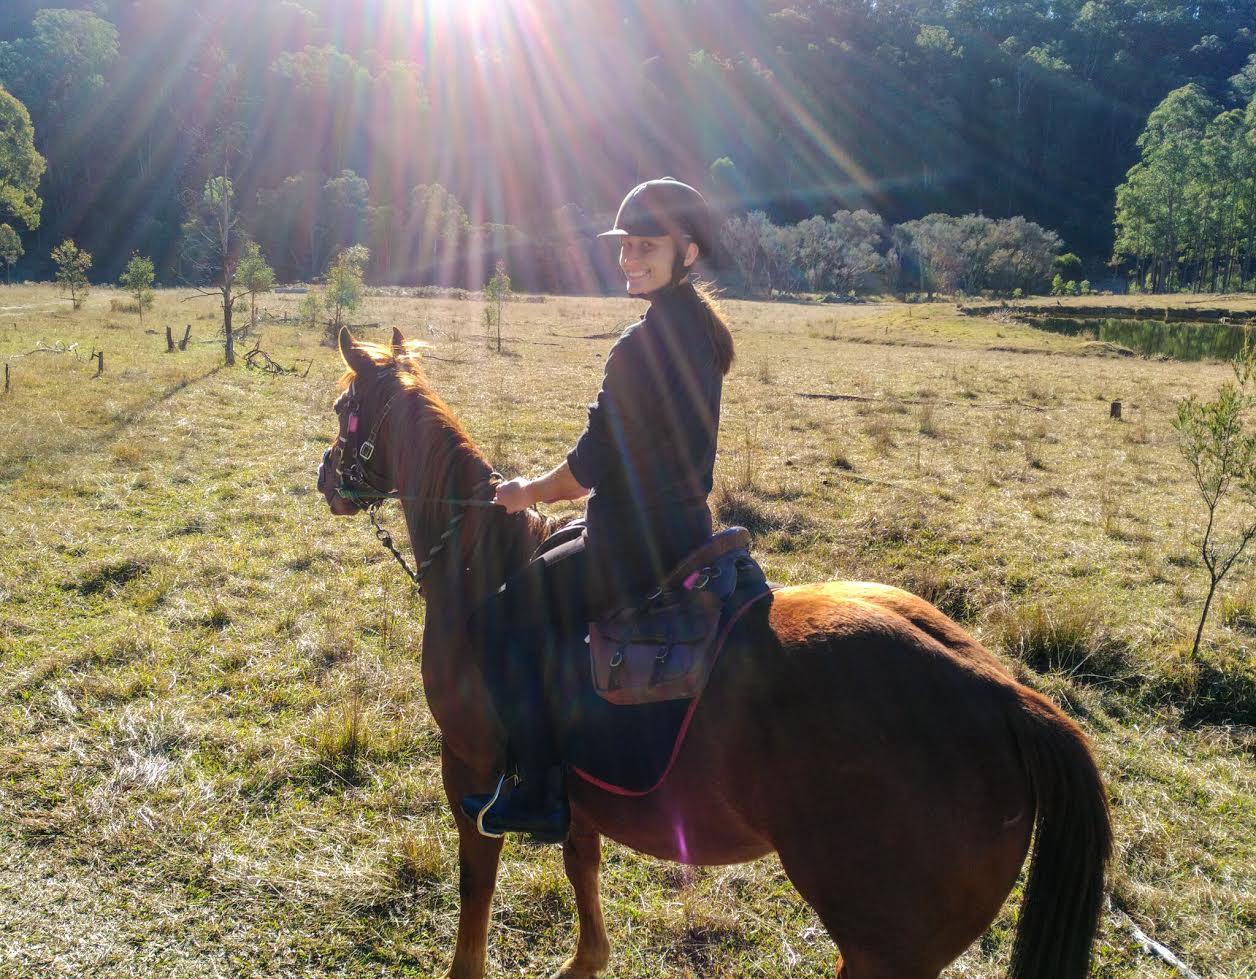 Lauren_on_horse.jpg